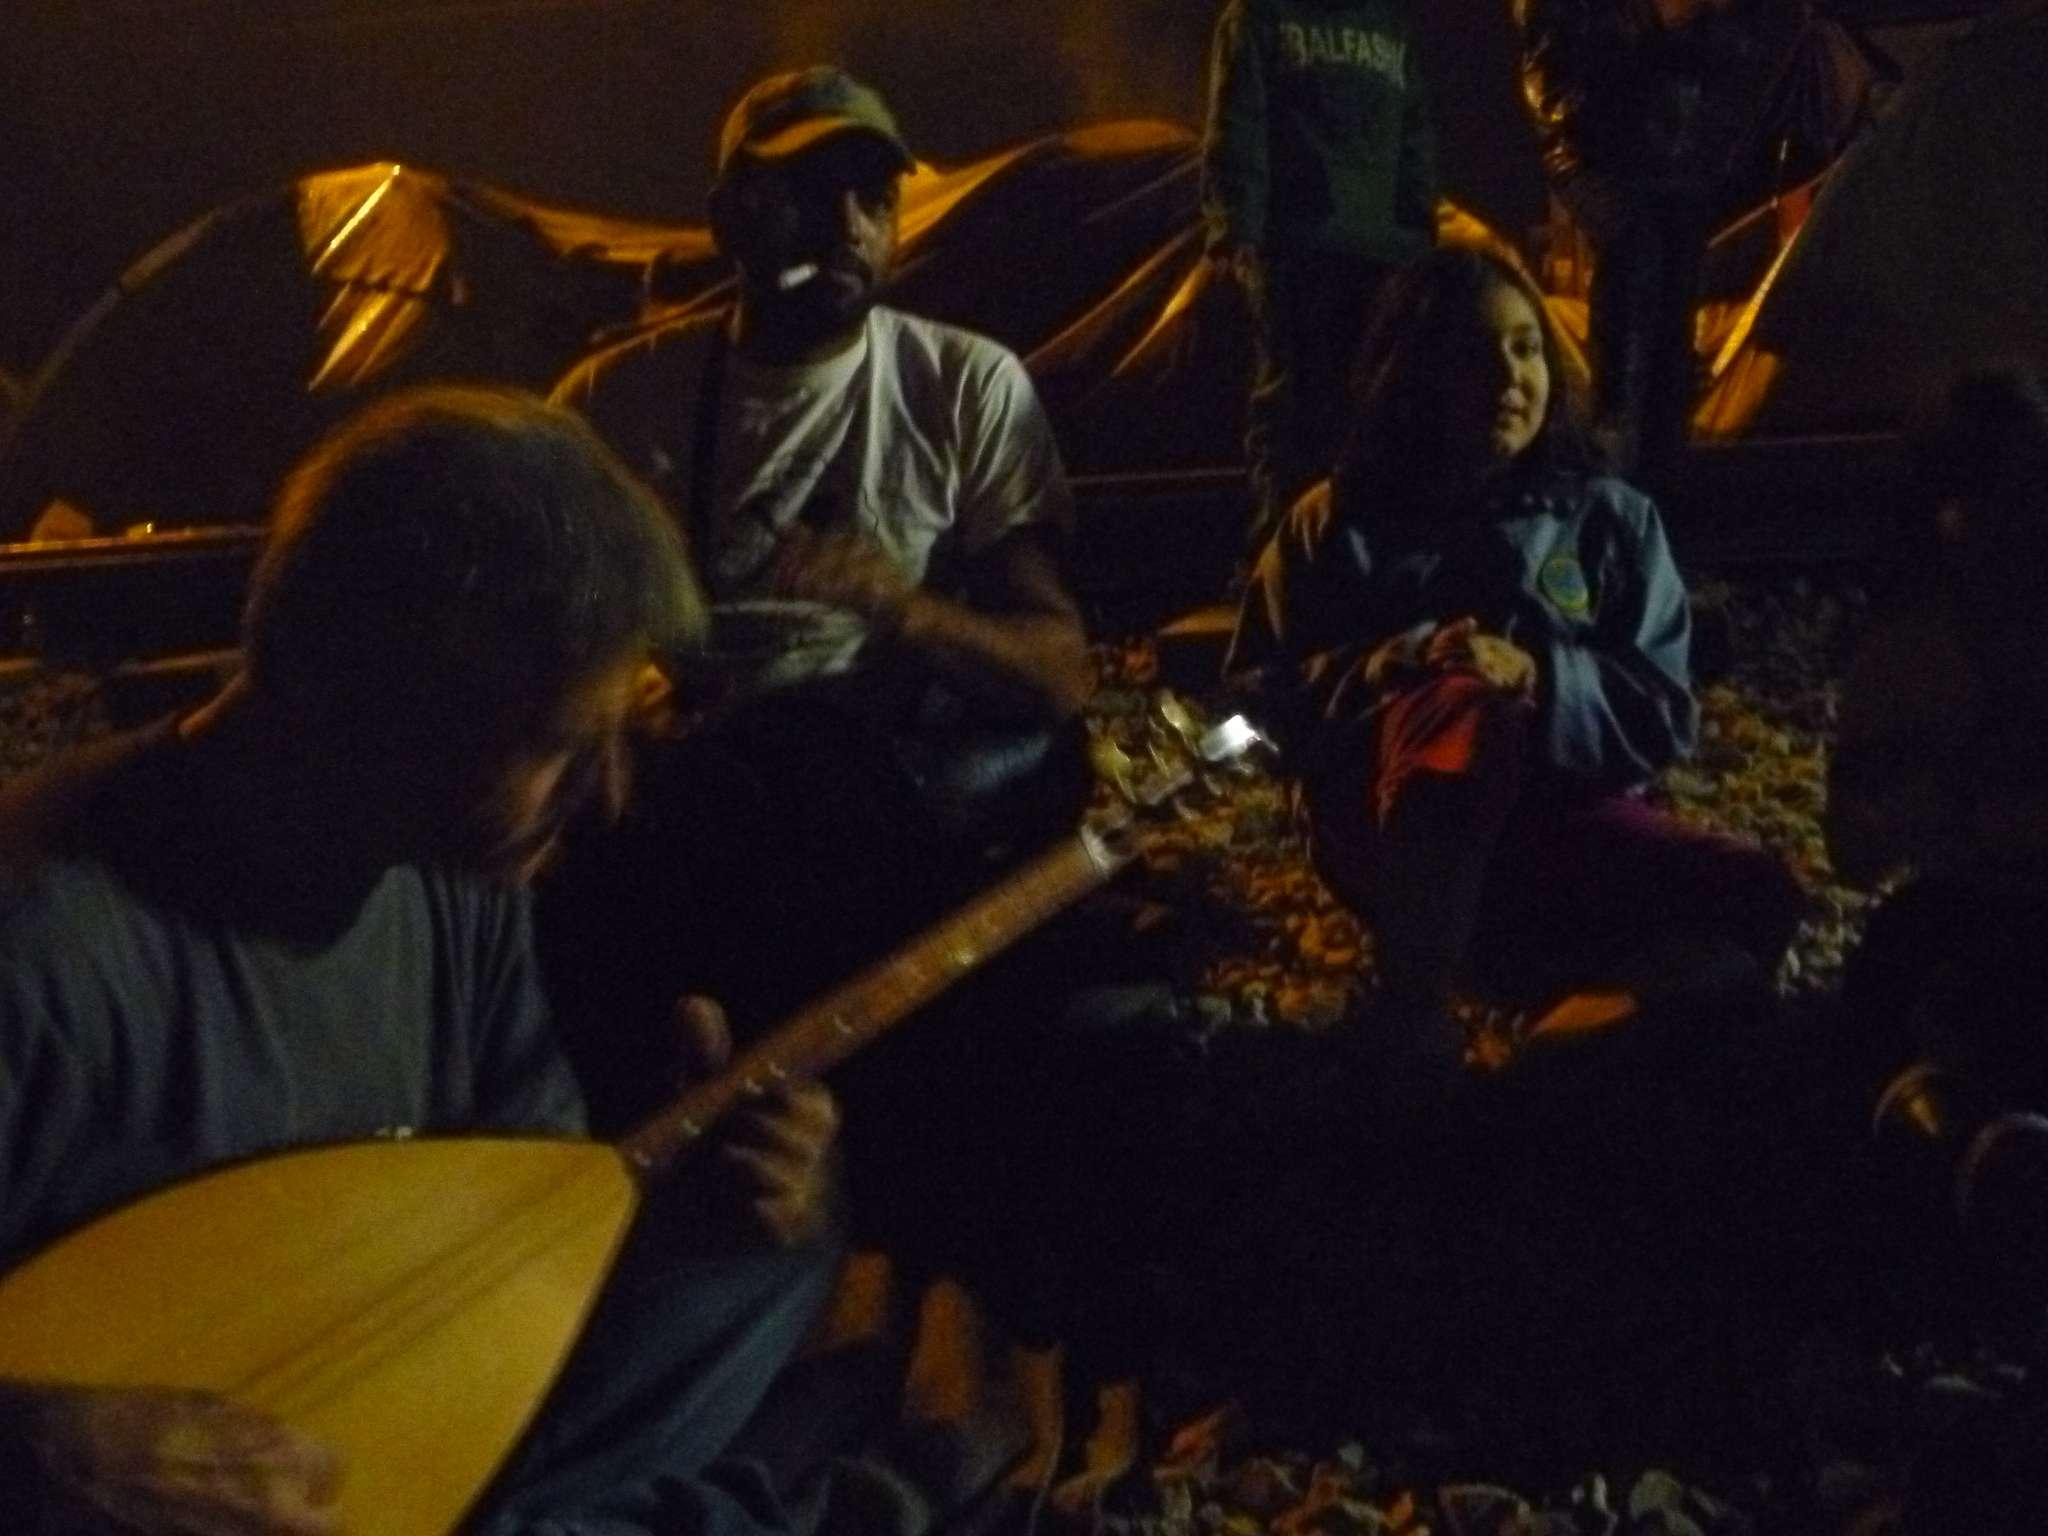 refugiados-proyectos-culturales-p1040433